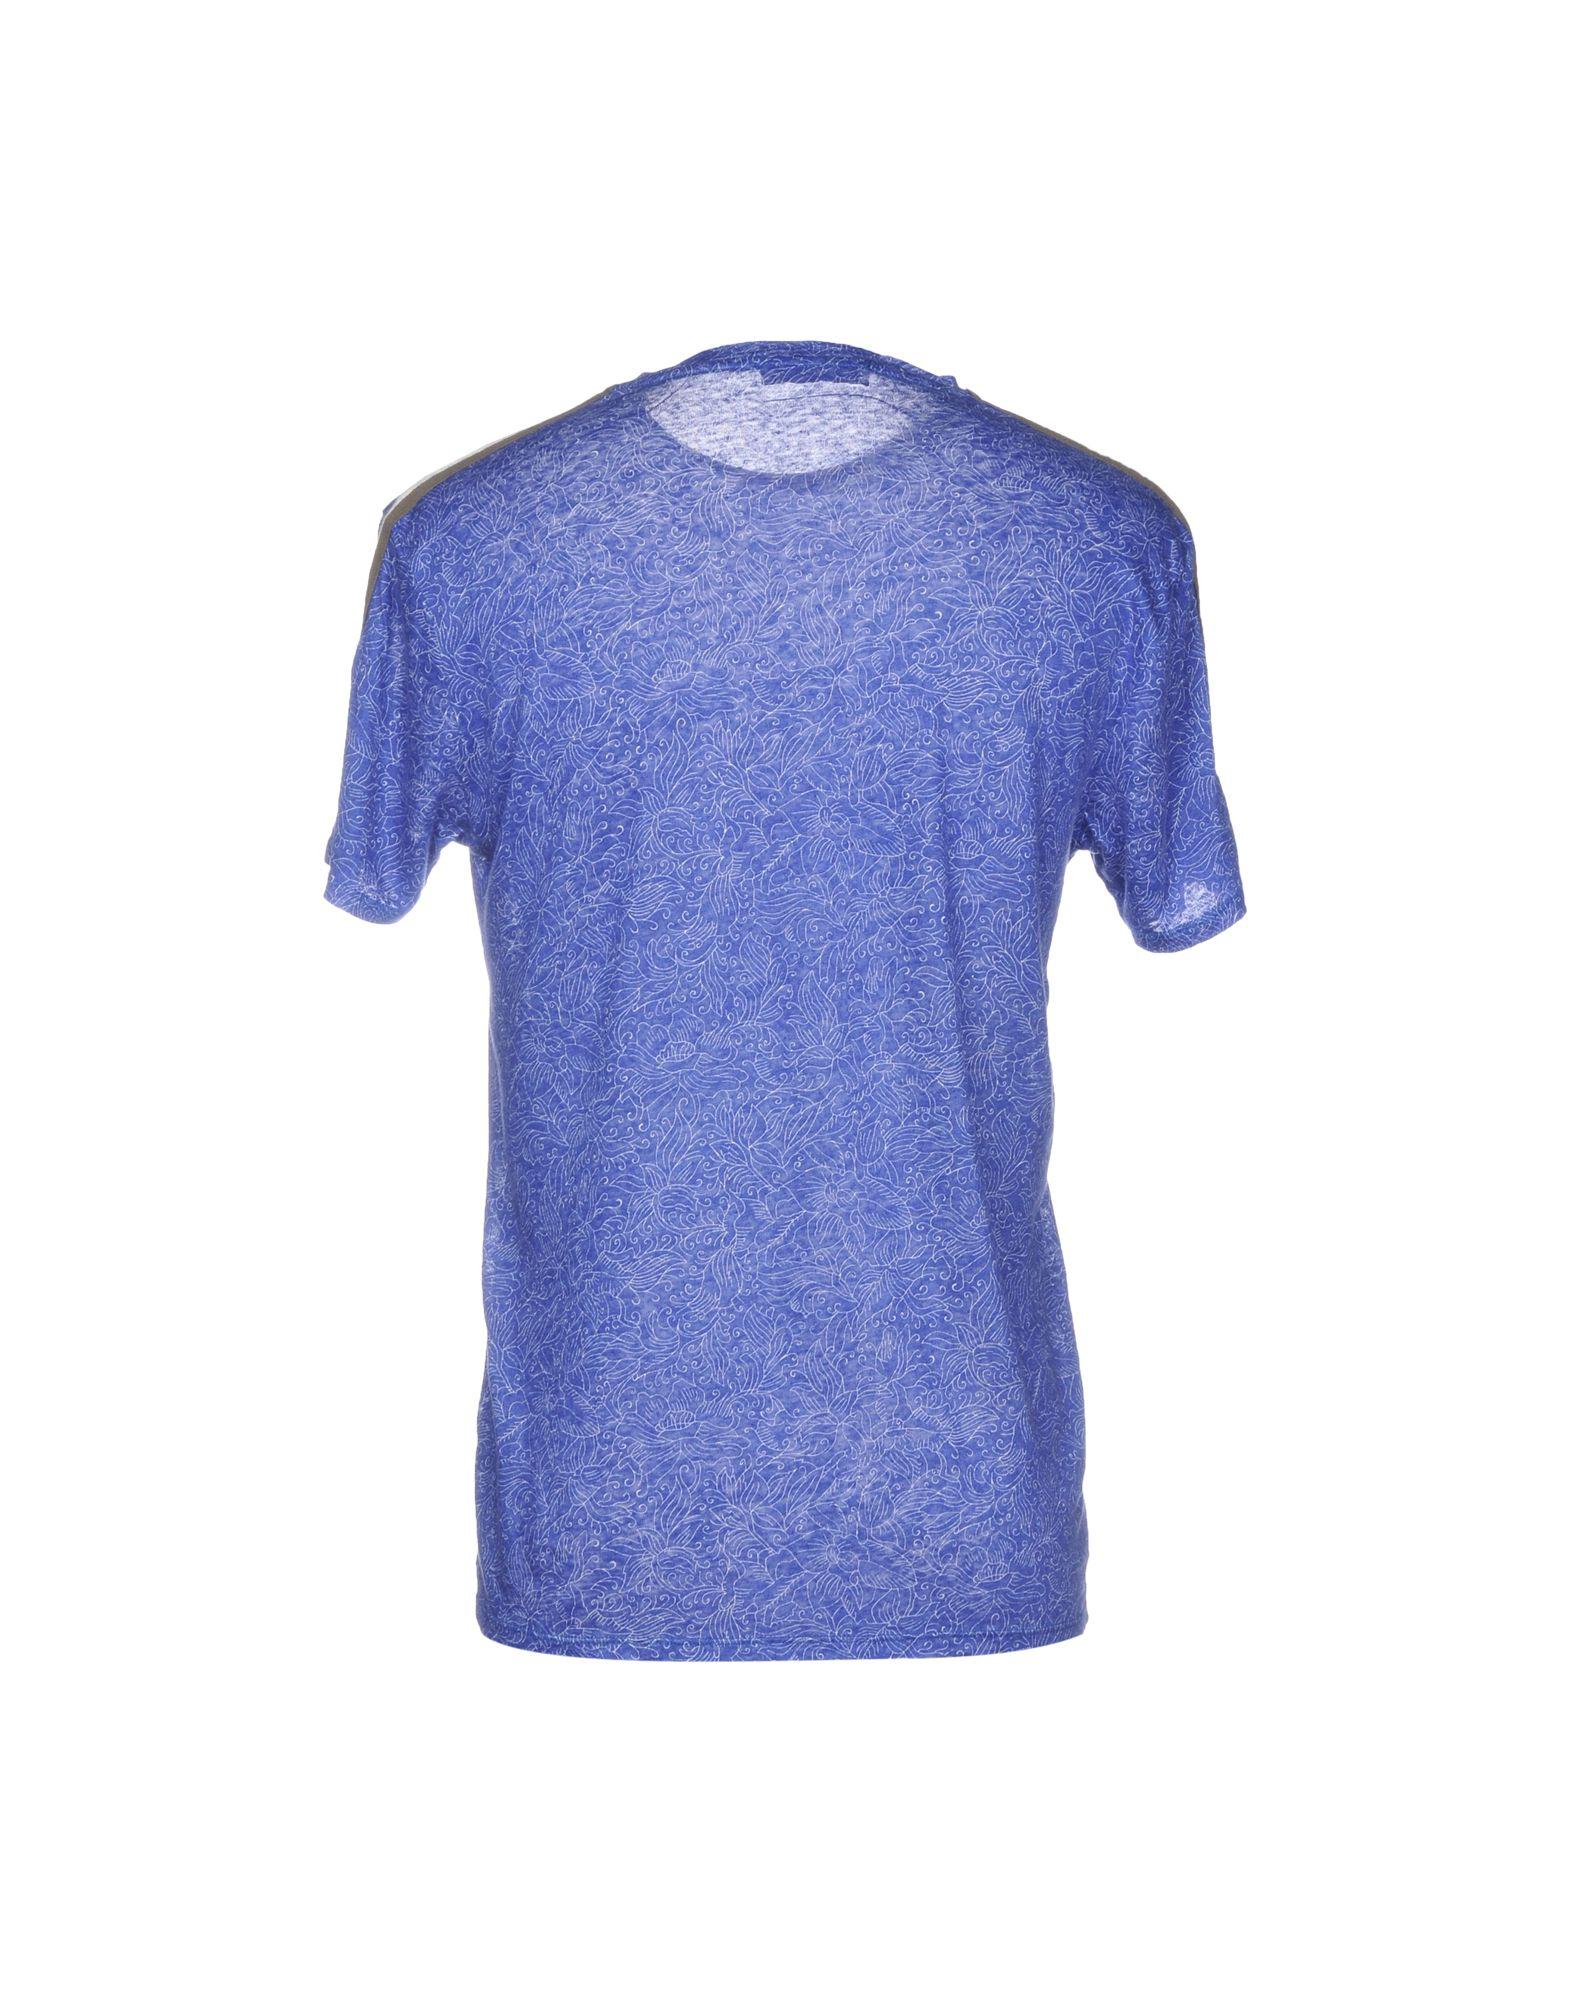 T-Shirt Daniele Fiesoli Uomo Uomo Fiesoli - 12210240GN eaa6b5